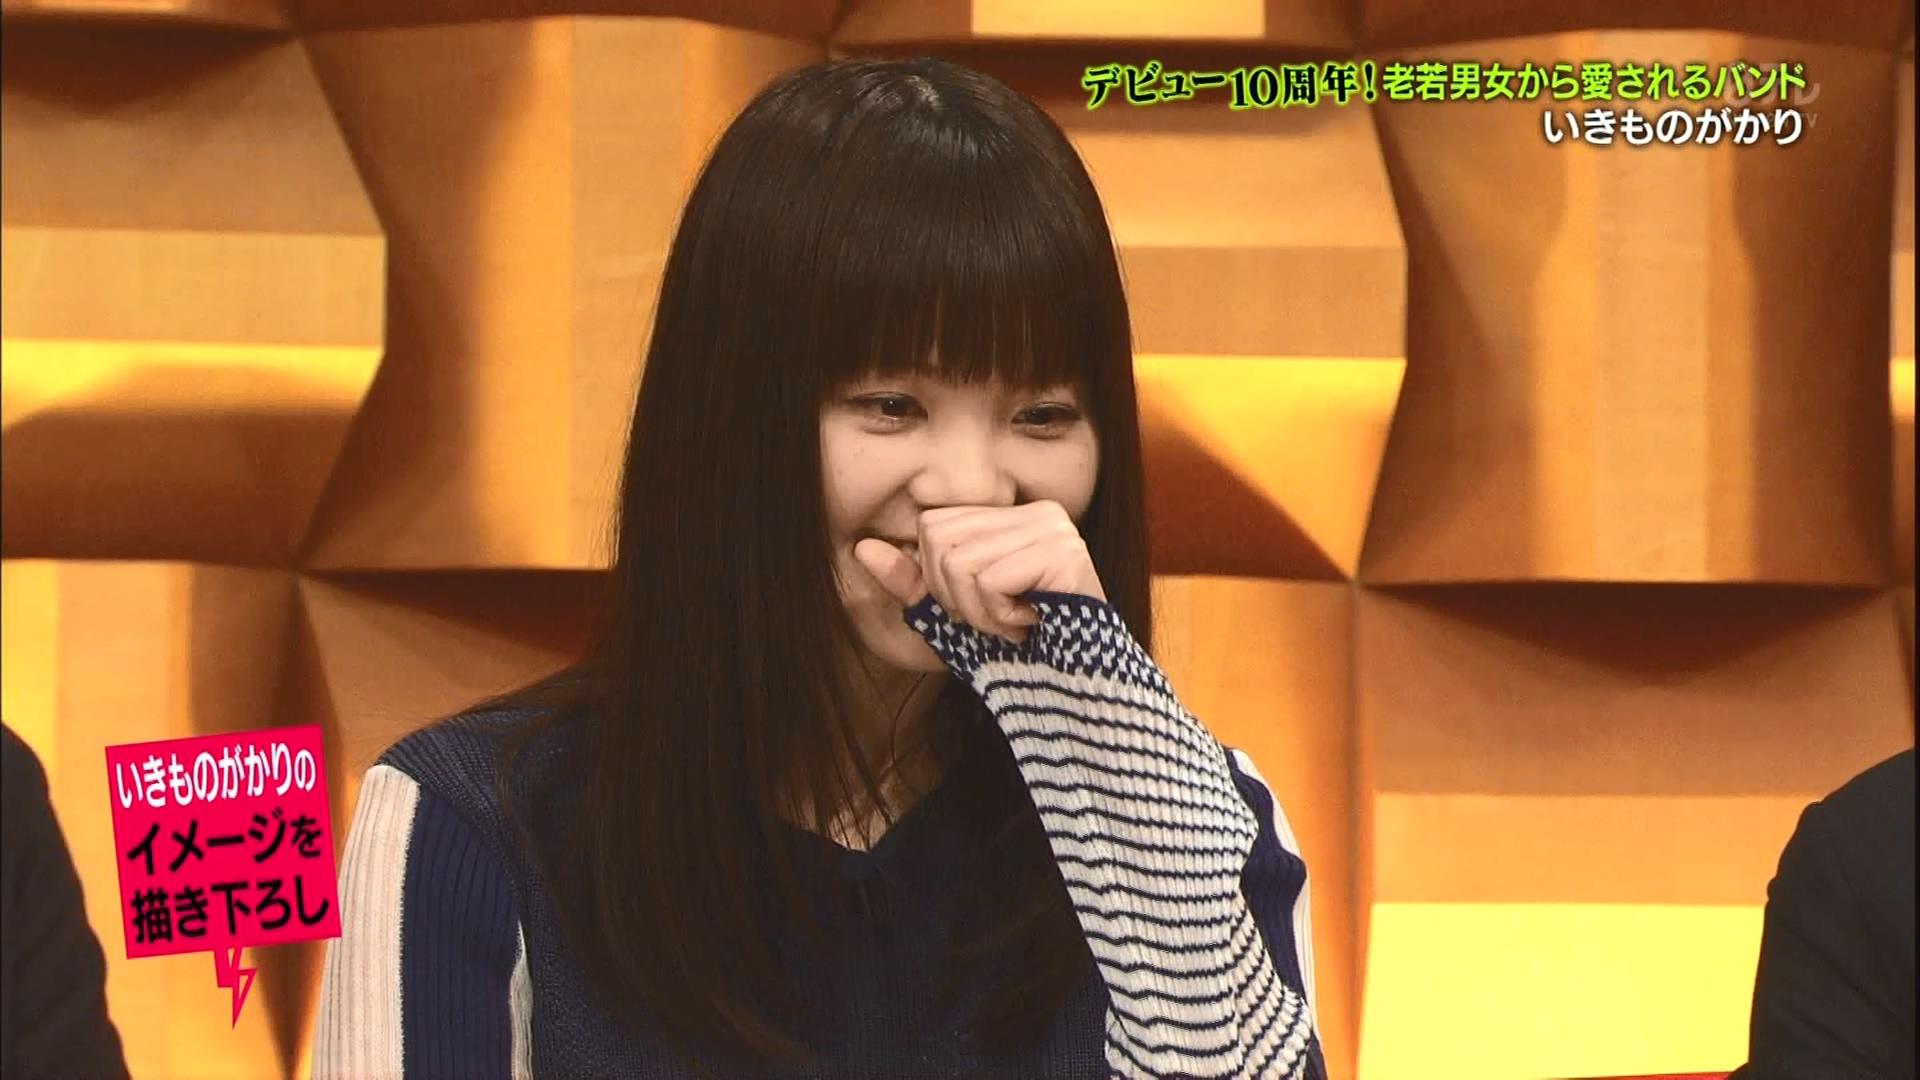 2016.03.11 全場(バズリズム).ts_20160312_025444.636